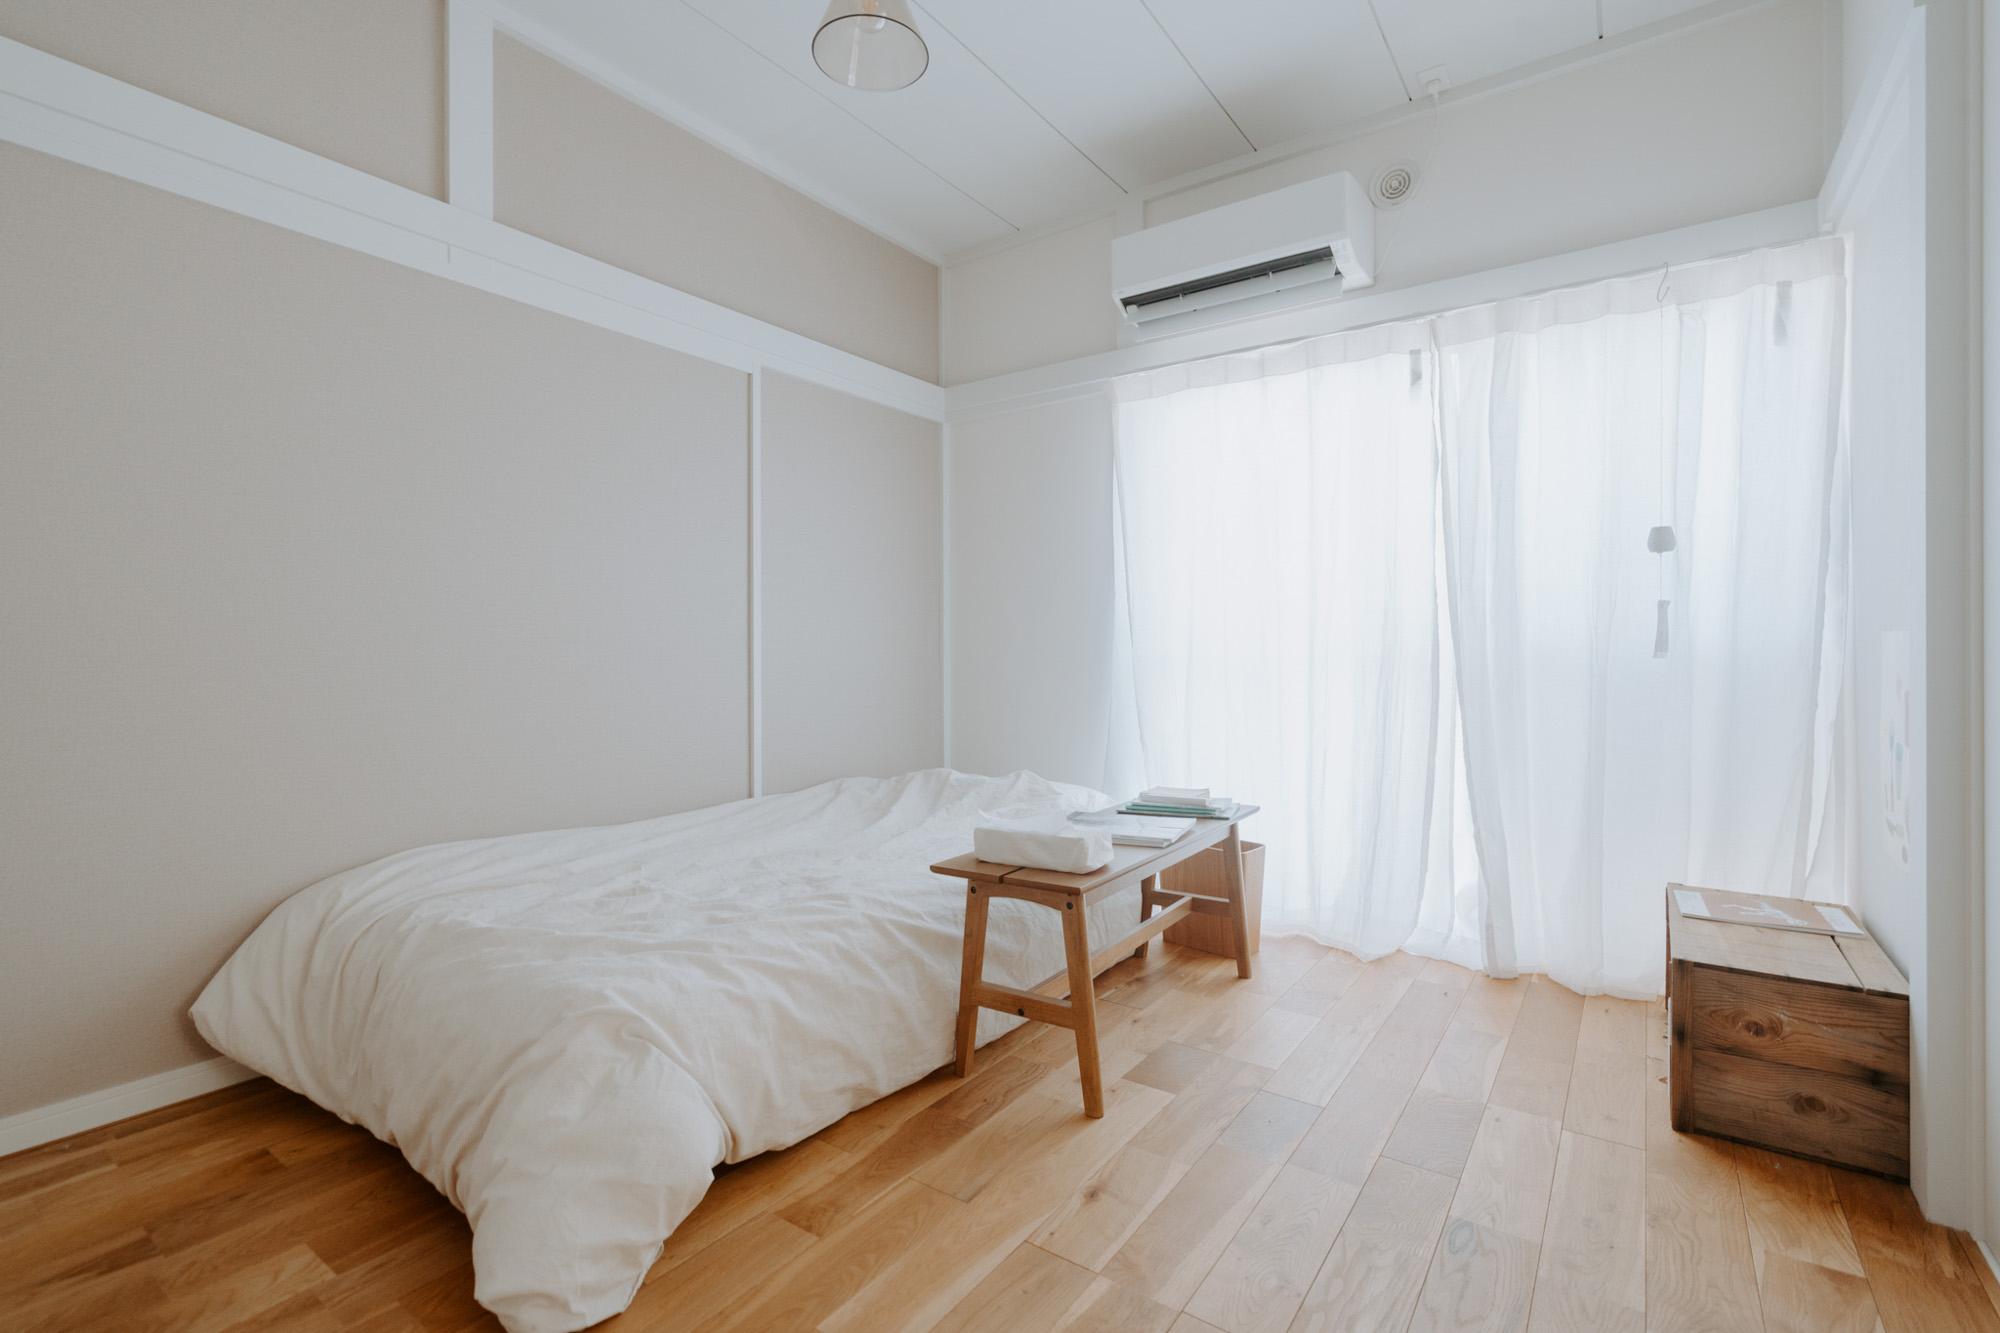 ベッドルームもシンプルに。カーテンは、ニトリの遮像レースカーテンと、無印良品のノンプリーツカーテン。差し込む光を殺さないようにとこだわって選びました。